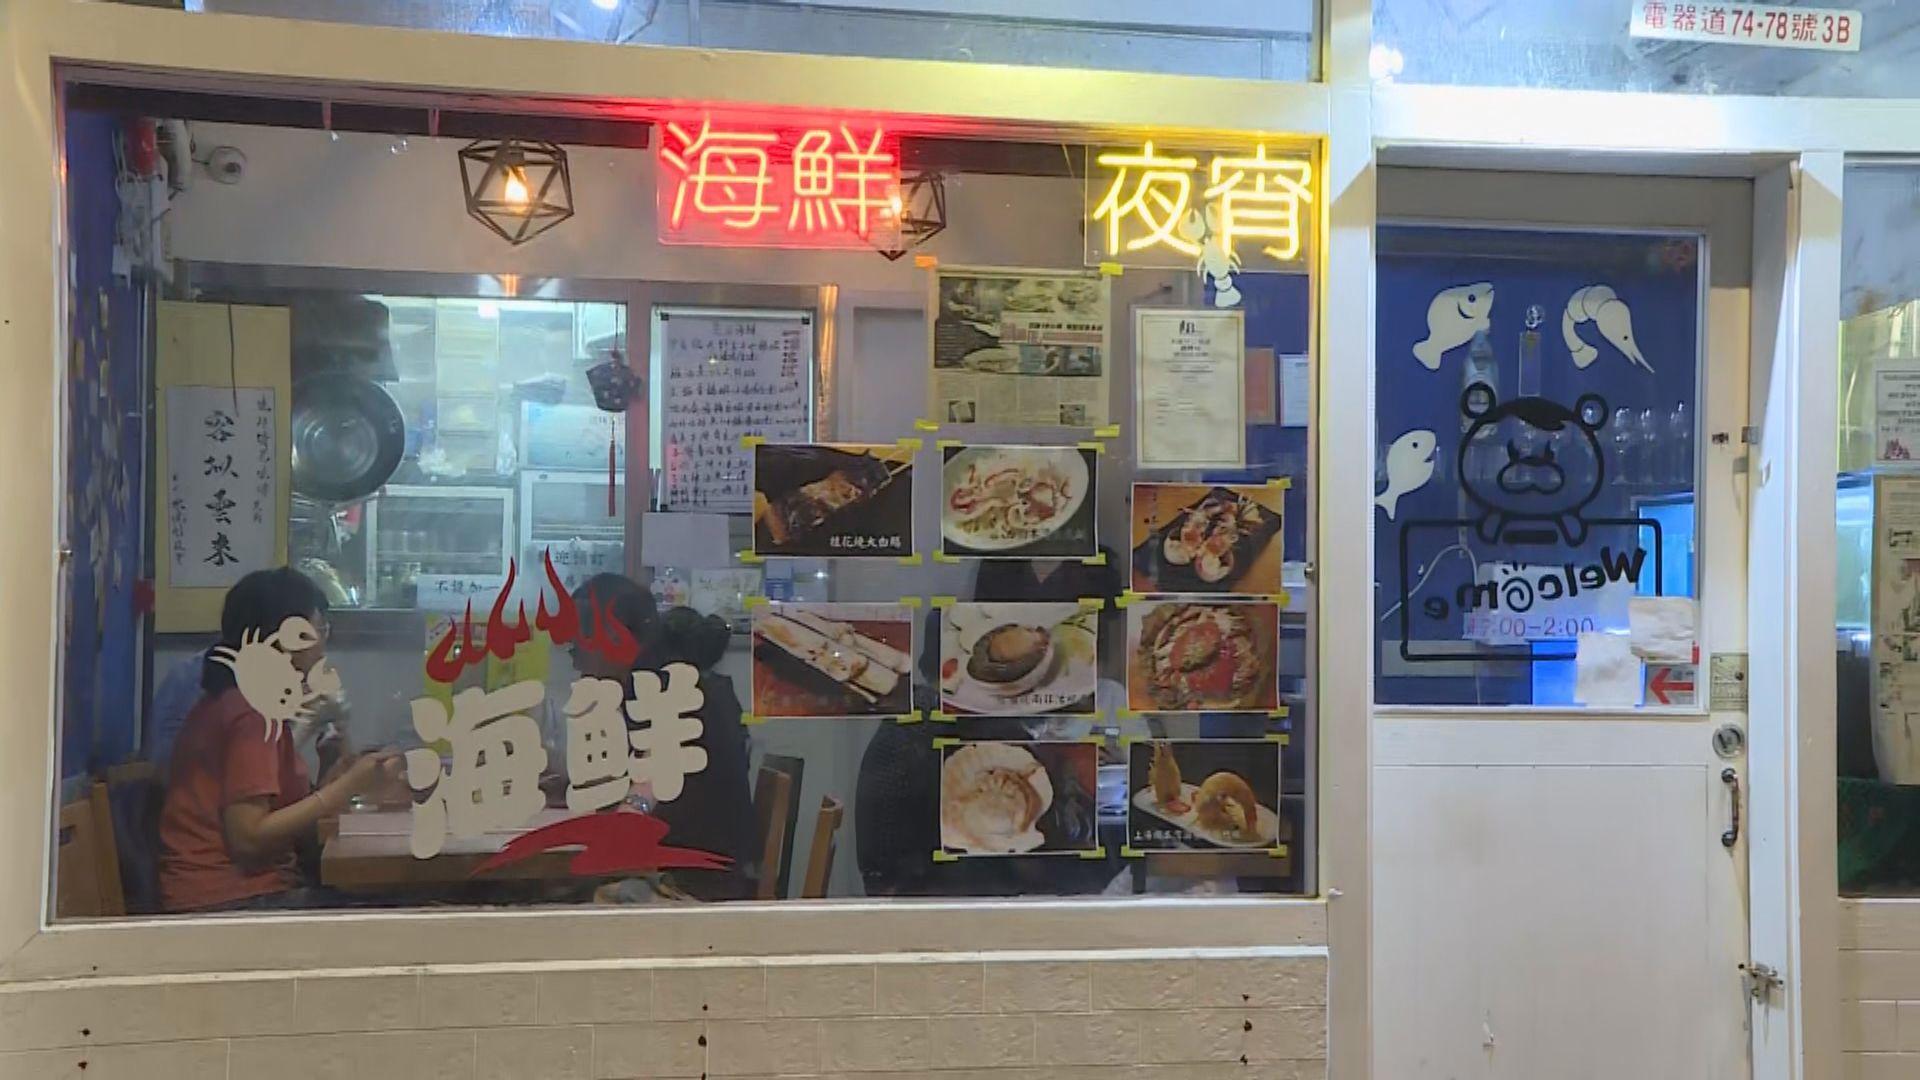 食肆新規生效 有晚市餐廳預計生意餘下一成